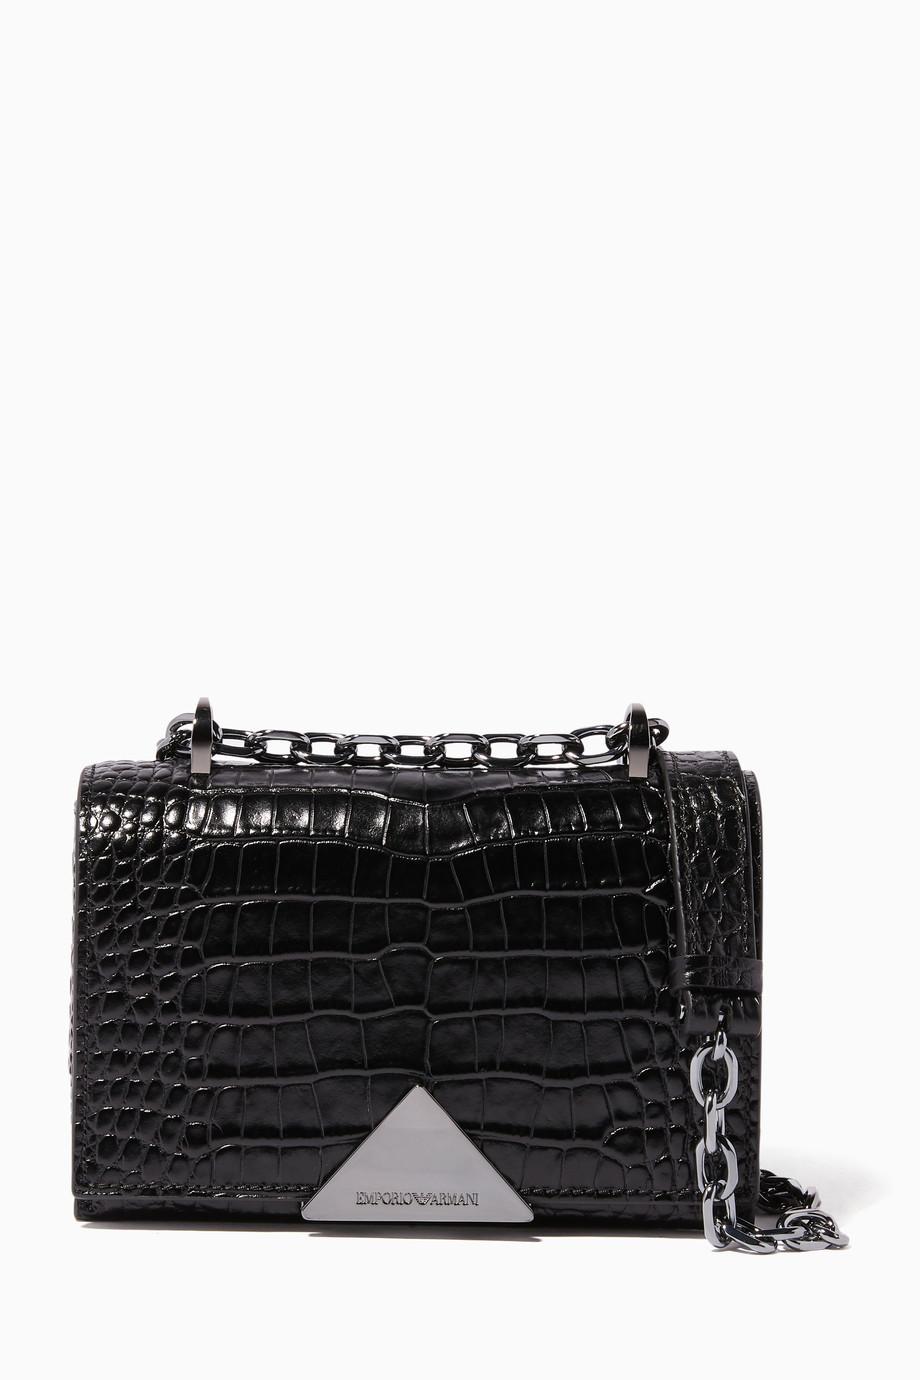 6d5df11cf3 Emporio Armani Black Crocodile-Embossed Crossbody Bag 2300 SAR